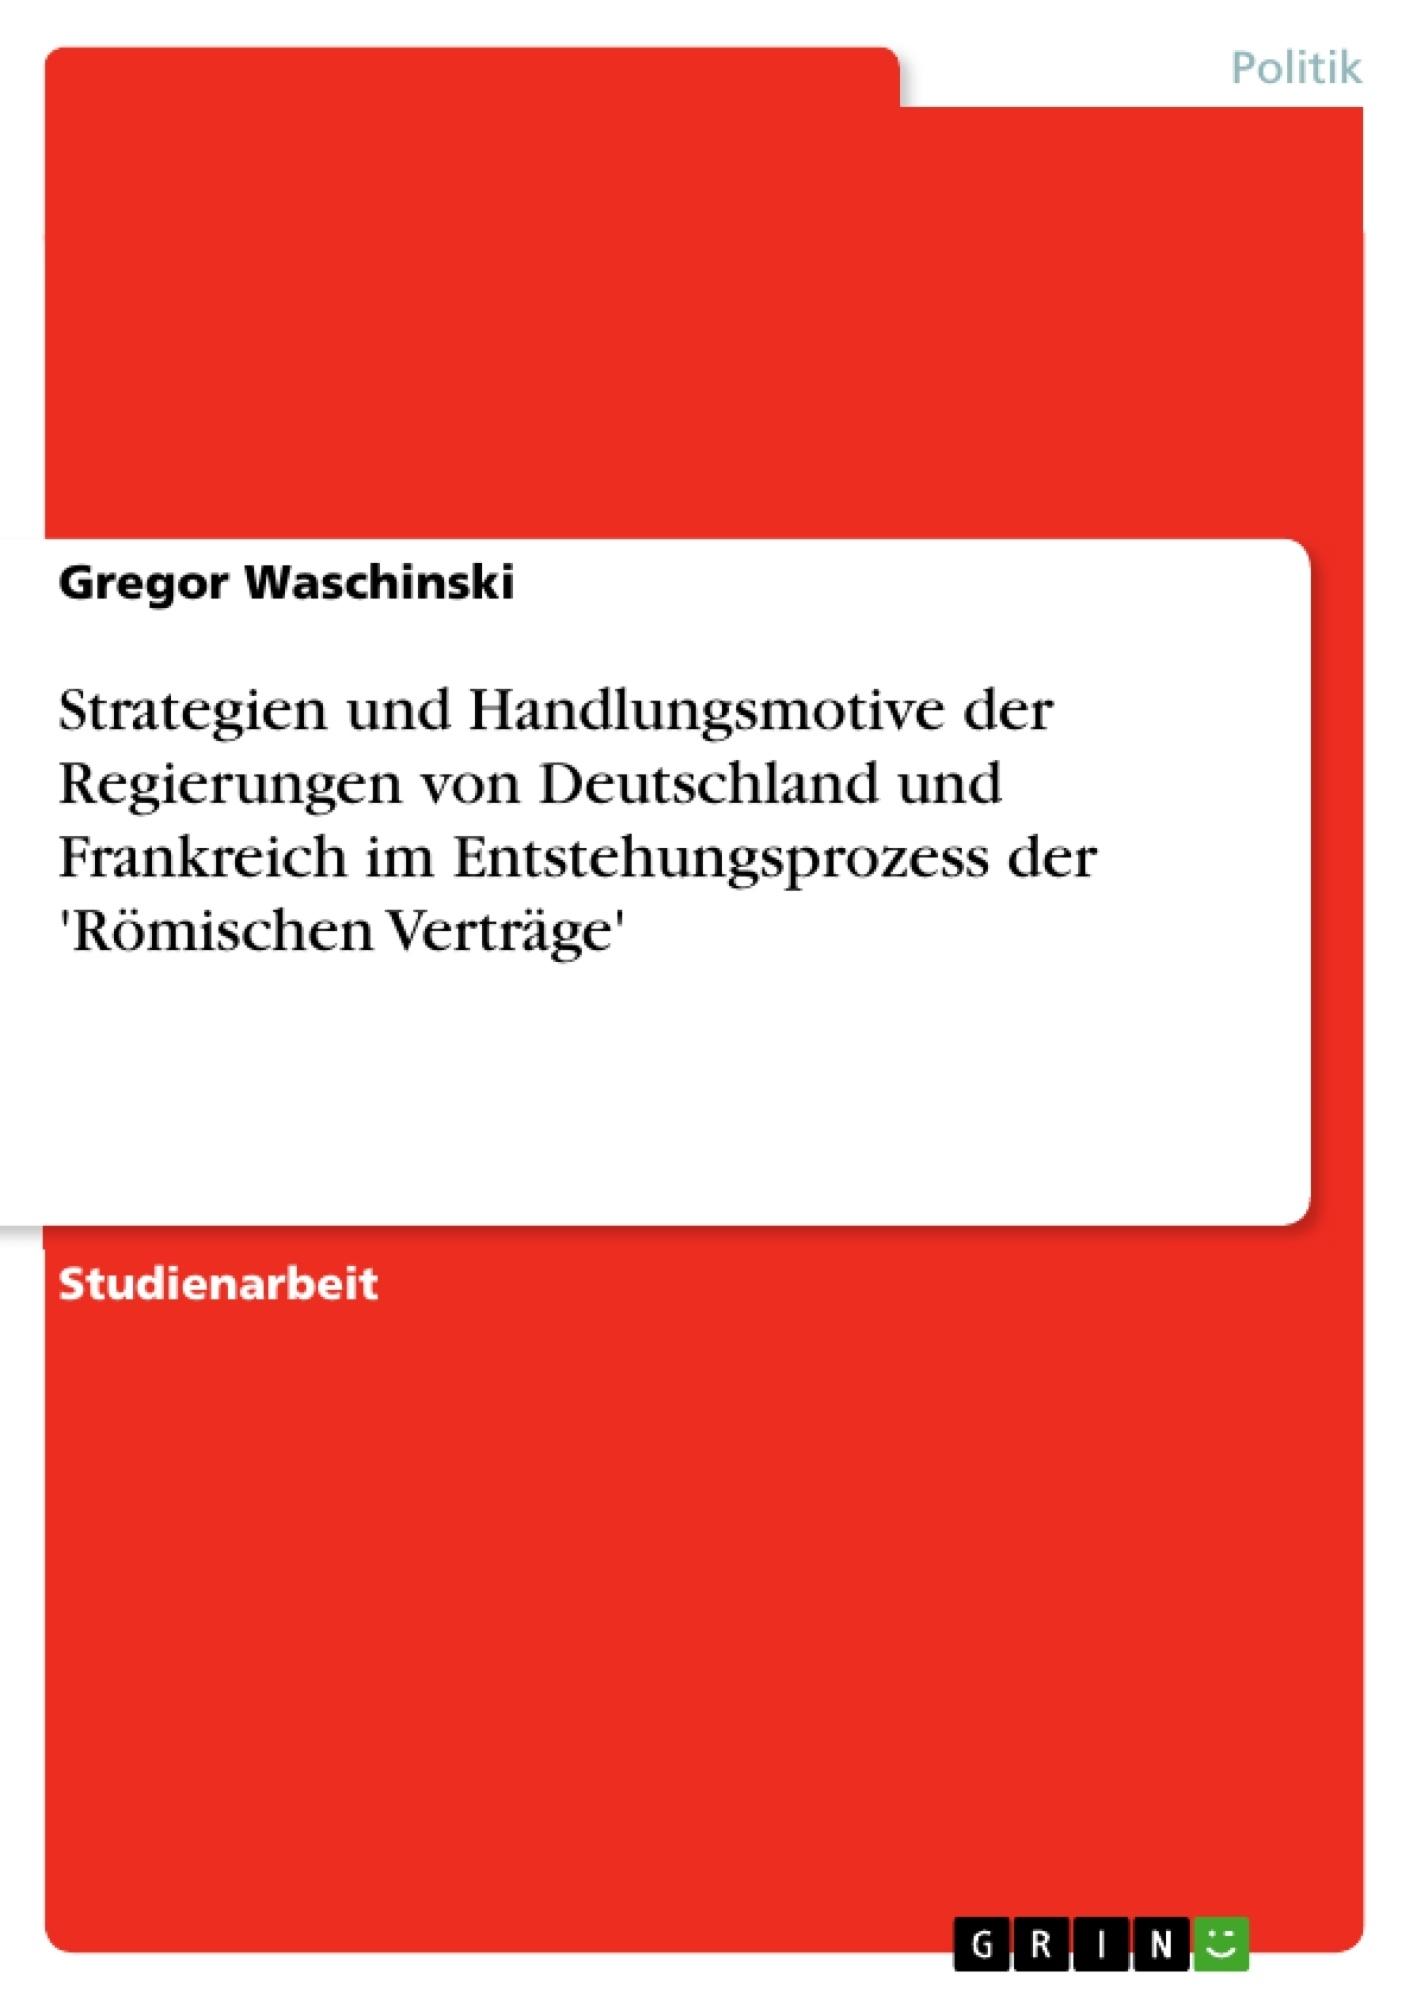 Titel: Strategien und Handlungsmotive der Regierungen von Deutschland und Frankreich im Entstehungsprozess der 'Römischen Verträge'